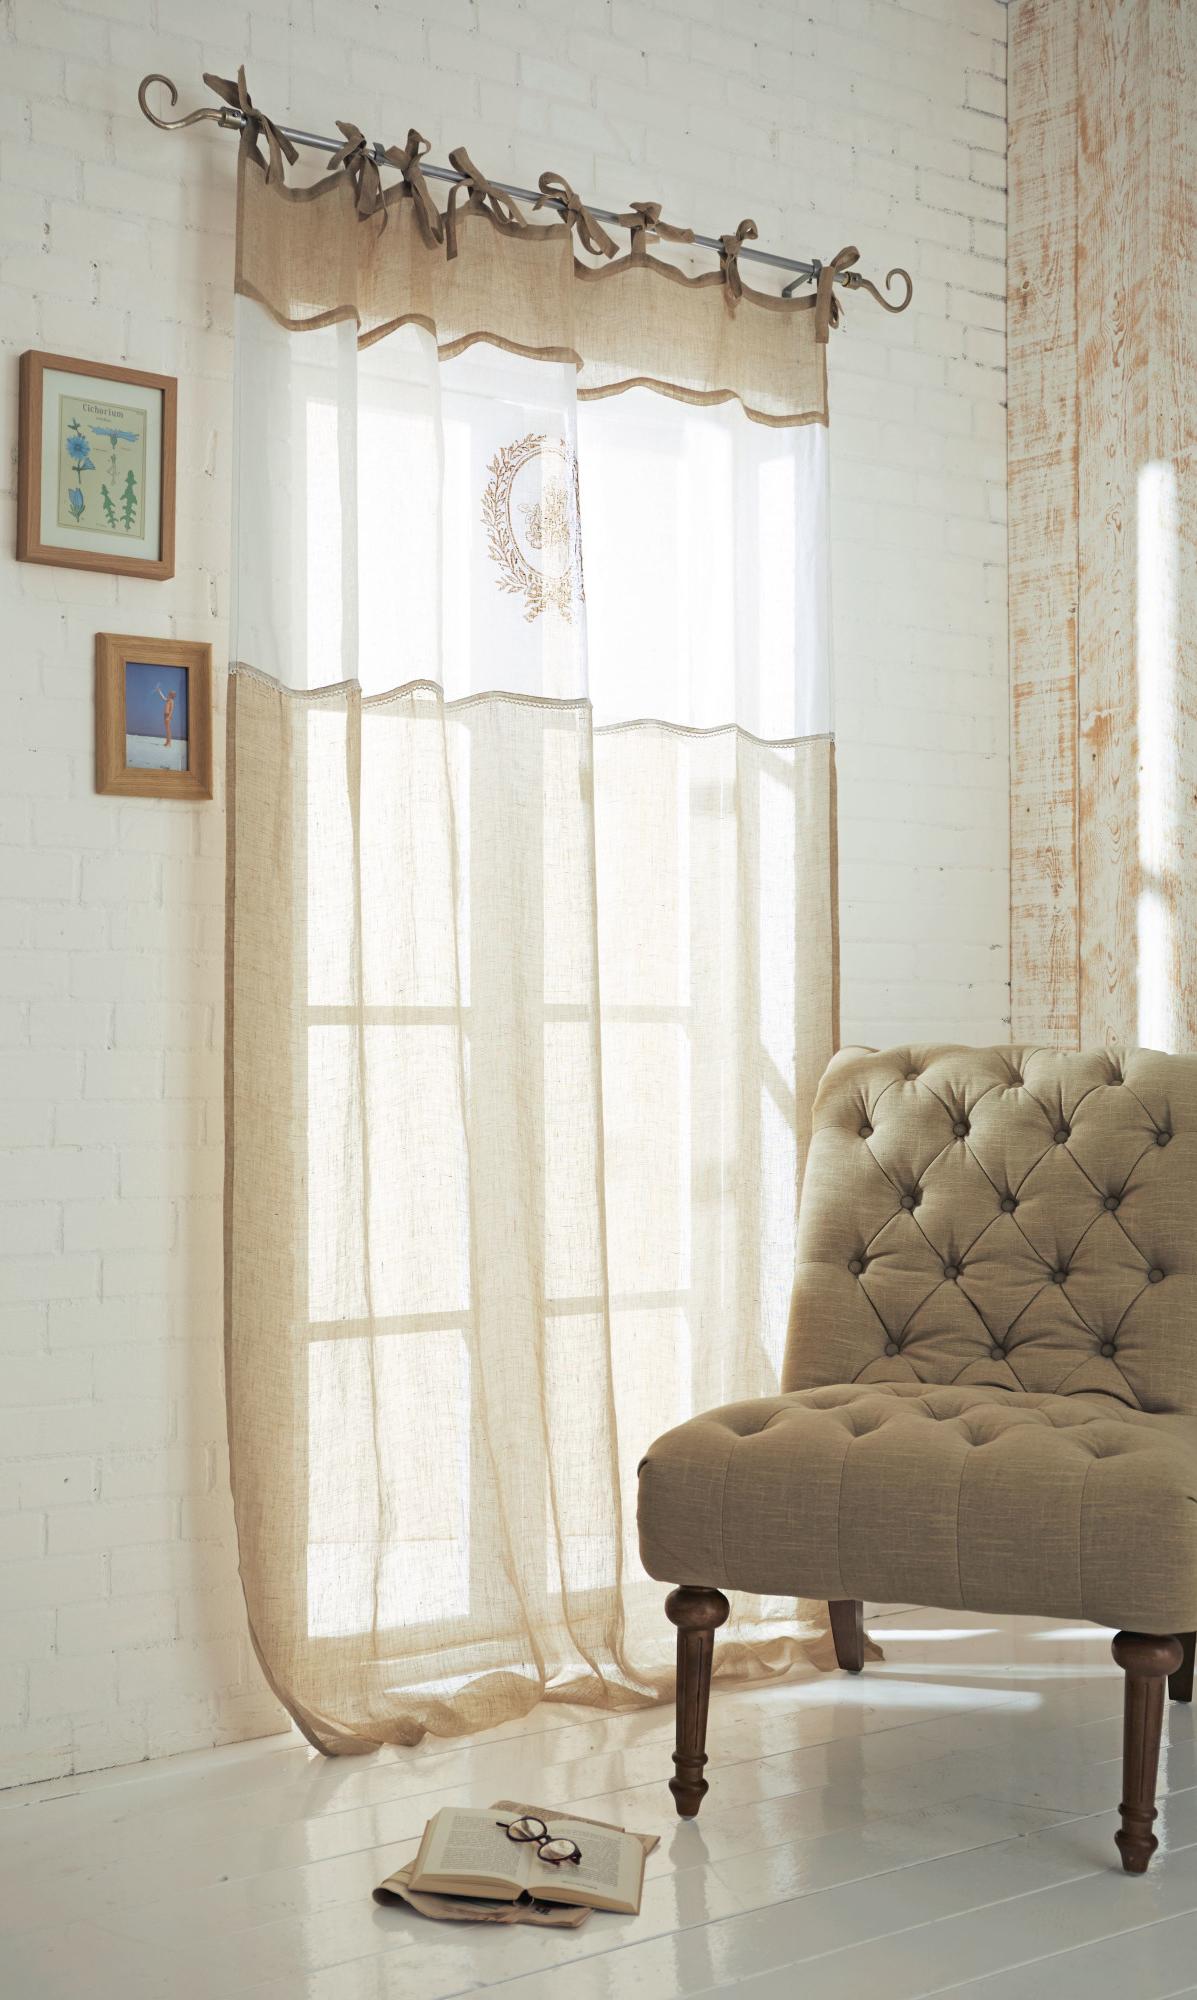 vorhang befestigung schiene vorhange schiene raumteiler vorhang schiene raumteiler hause und. Black Bedroom Furniture Sets. Home Design Ideas